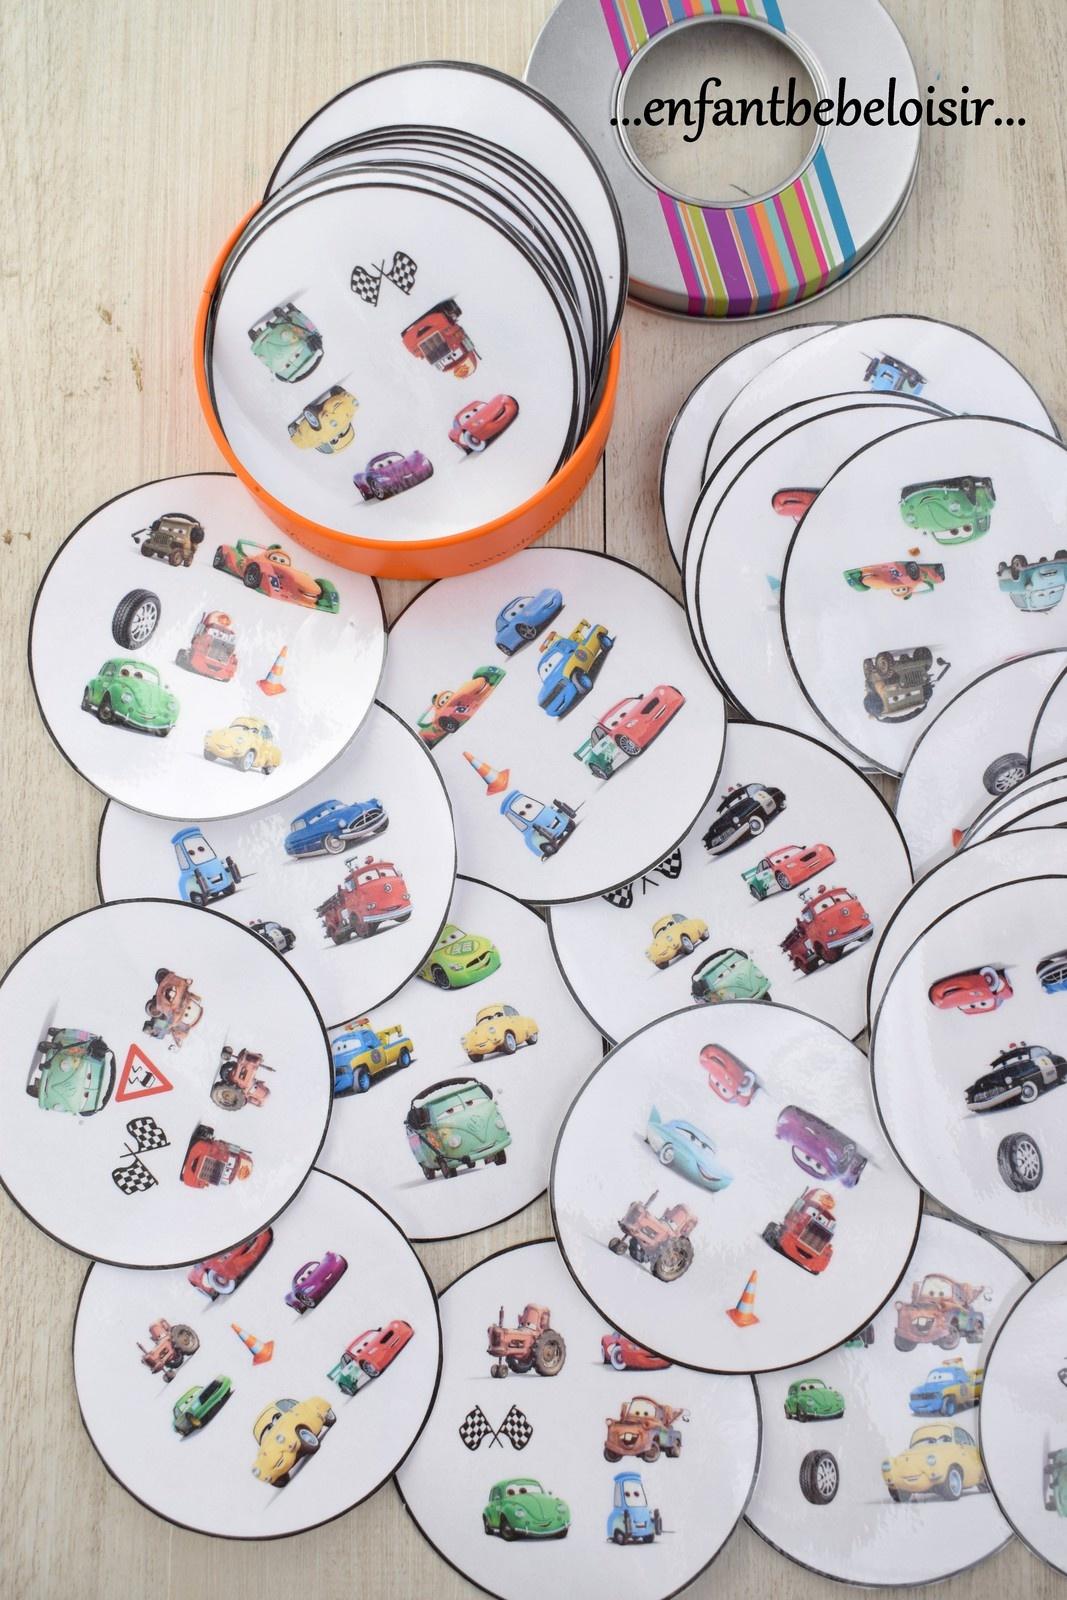 Jeu Dobble Cars Pixar À Imprimer - Gratuit - Enfant Bébé Loisir serapportantà Jeux Gratuit Maternelle